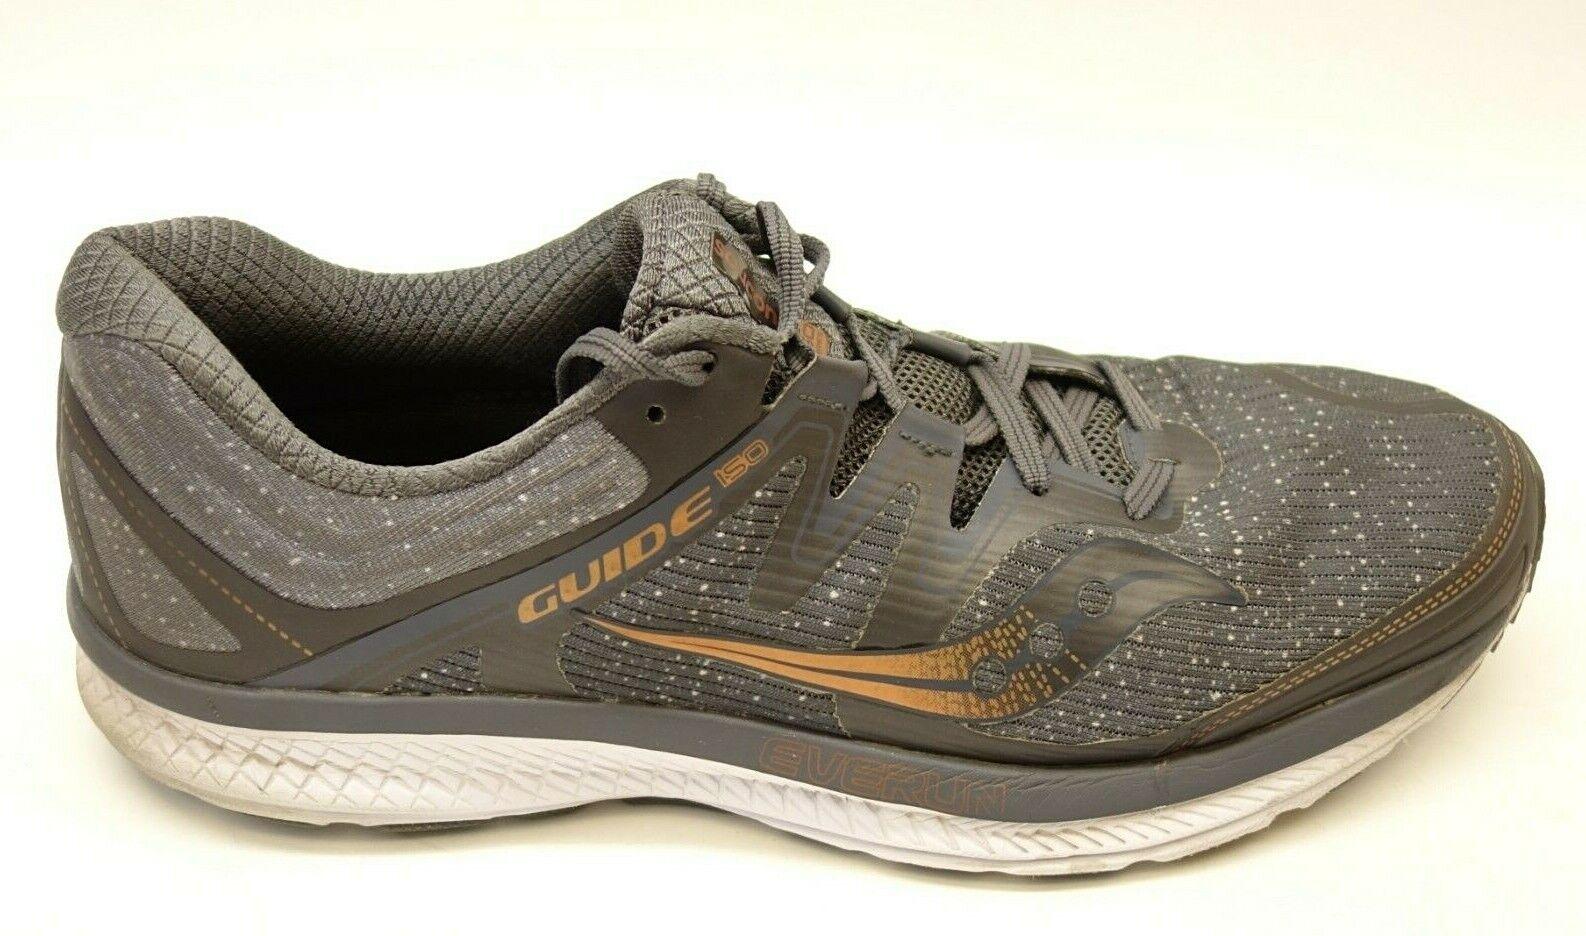 Guida di Men di Saucony ISO Everun Mesh Athletic  Support Running scarpe Dimensione 13  fornire un prodotto di qualità